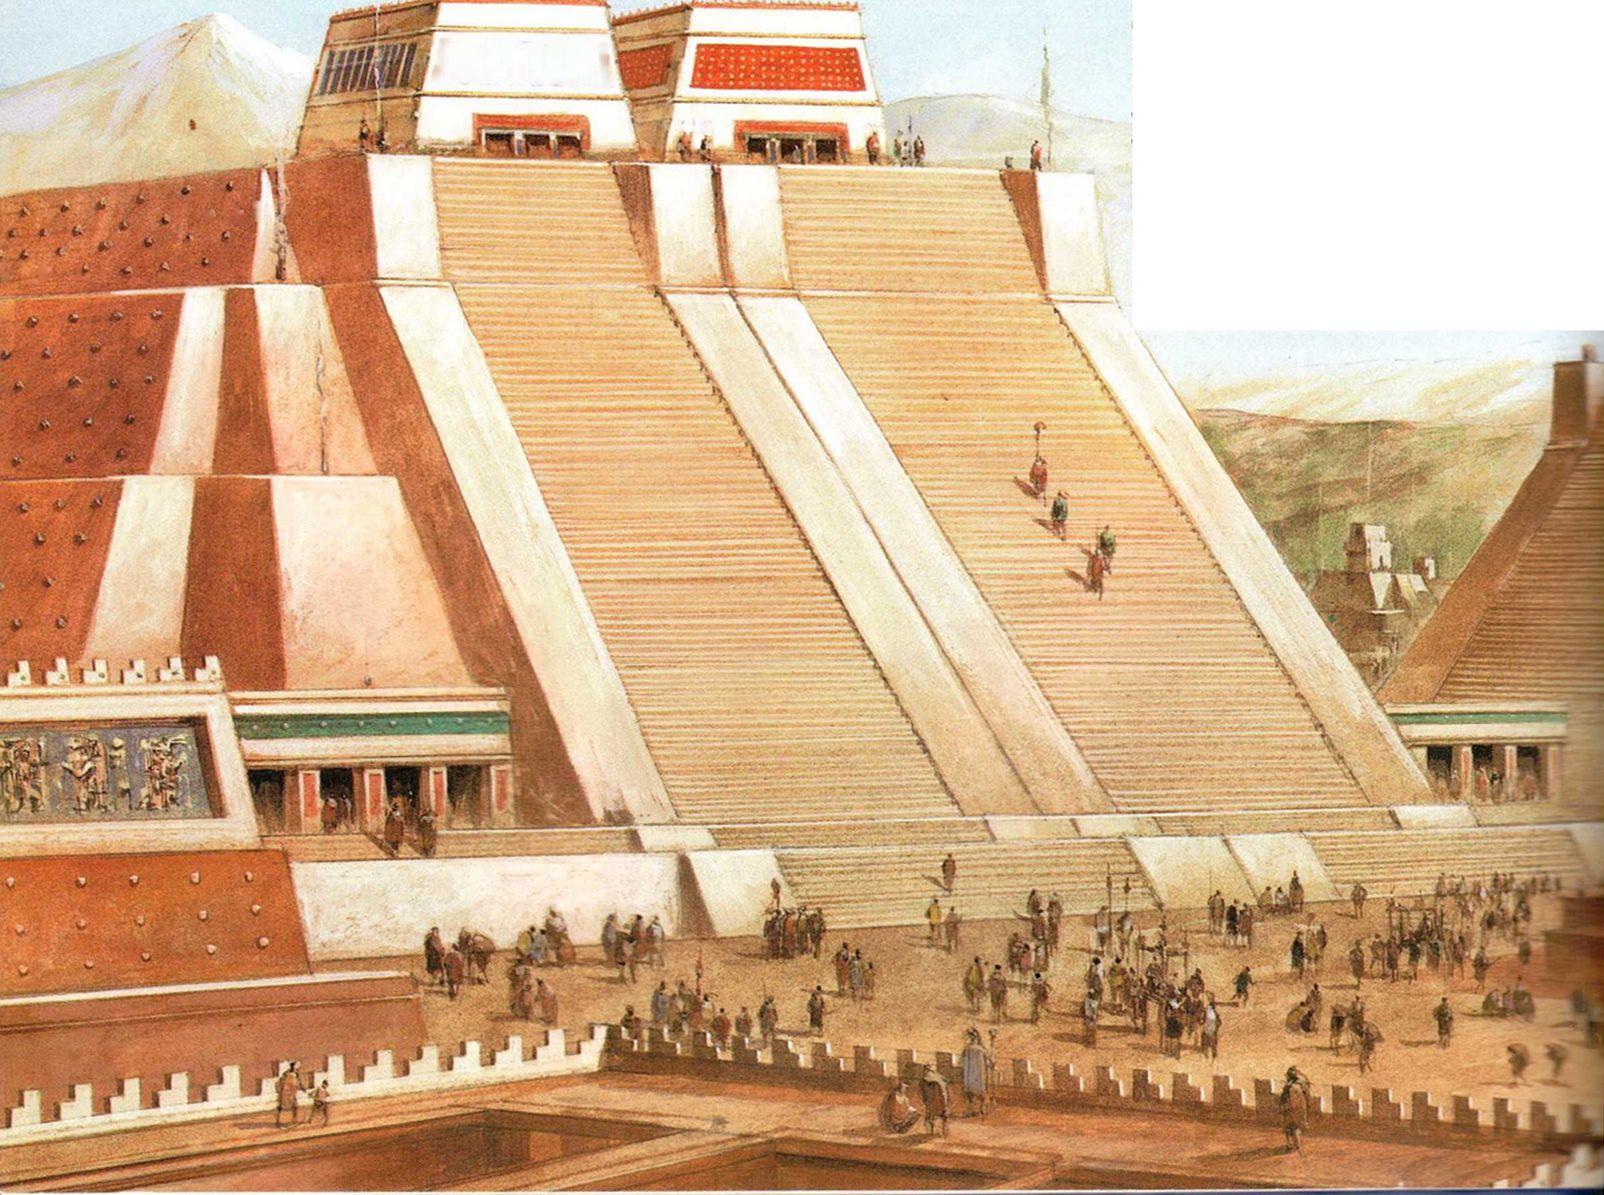 Так, по представлению художника, выглядела территория главного храма Теночтитлана. В XVI столетии испанские завоеватели уничтожили столицу ацтеков, а на ее развалинах построили собственный город. Реконструкция центра Теночтитлана основана на археологических и документальных свидетельствах. Над этим священным местом, окруженным стеной, возвышалась огромная пирамида, на вершине которой стоял сдвоенный храм, посвященный богу дождя Тлалоку и богу солнца и войны Уицилопочтли.